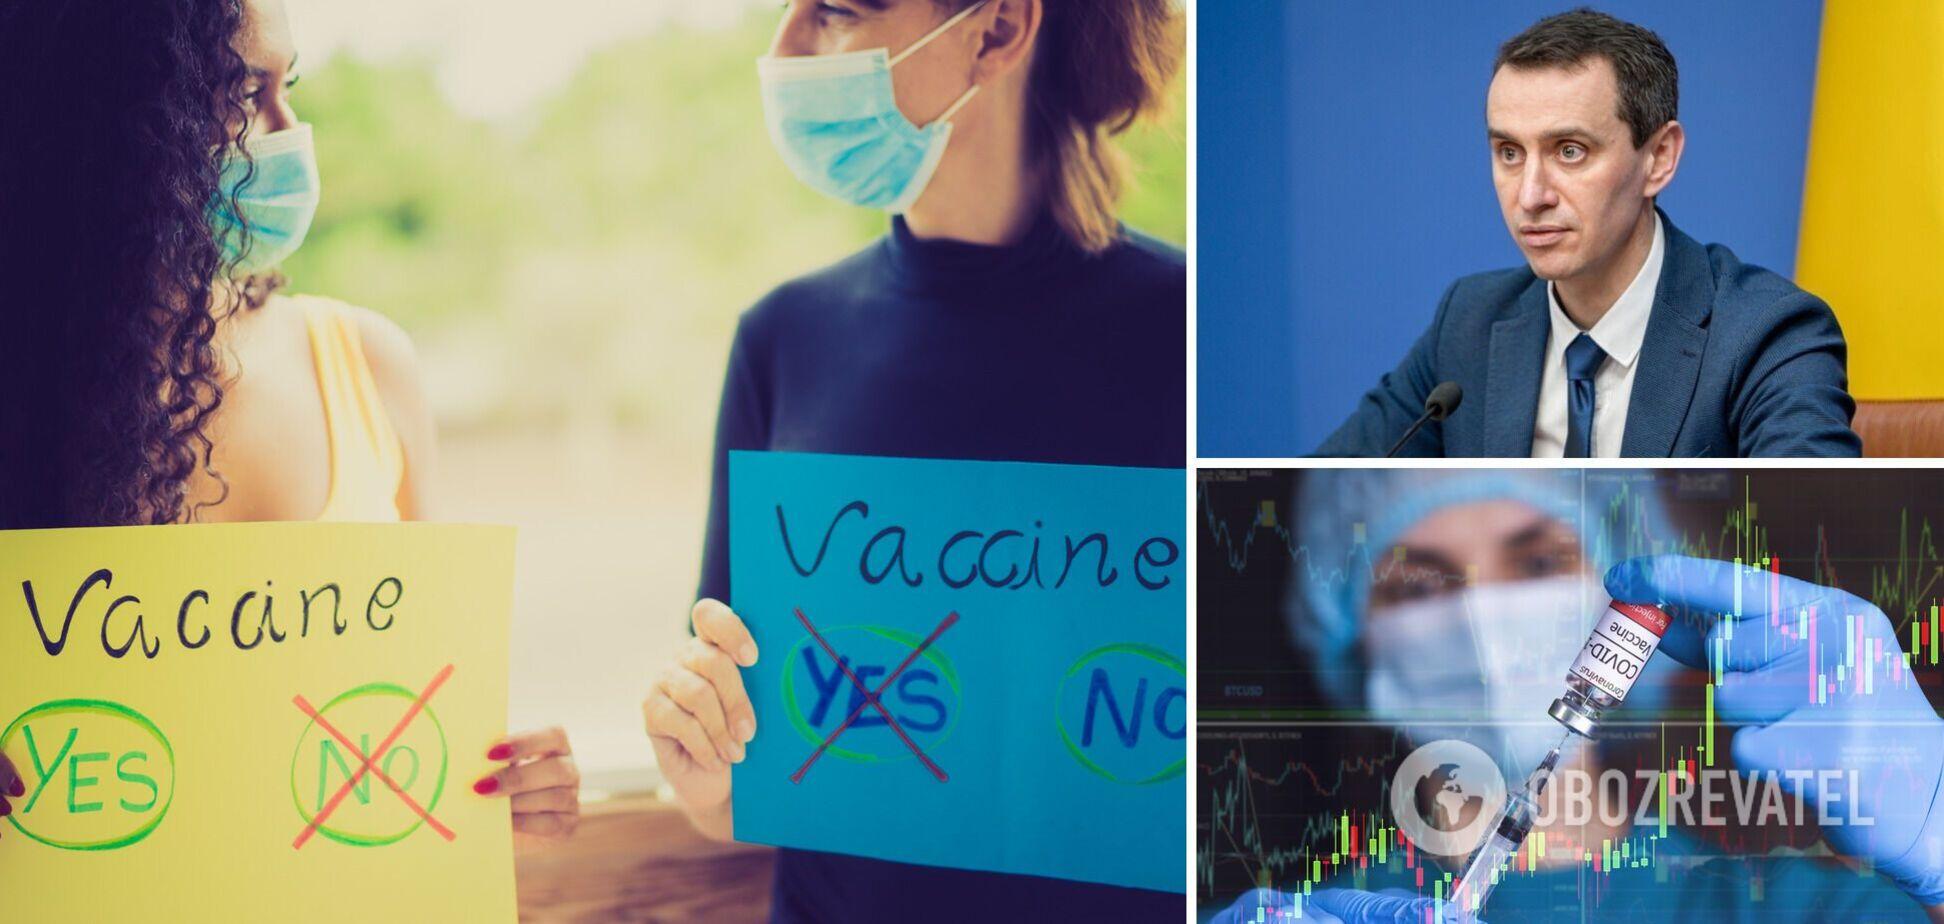 Три области Украины нарушили план вакцинации: Ляшко передал публичный 'привет'